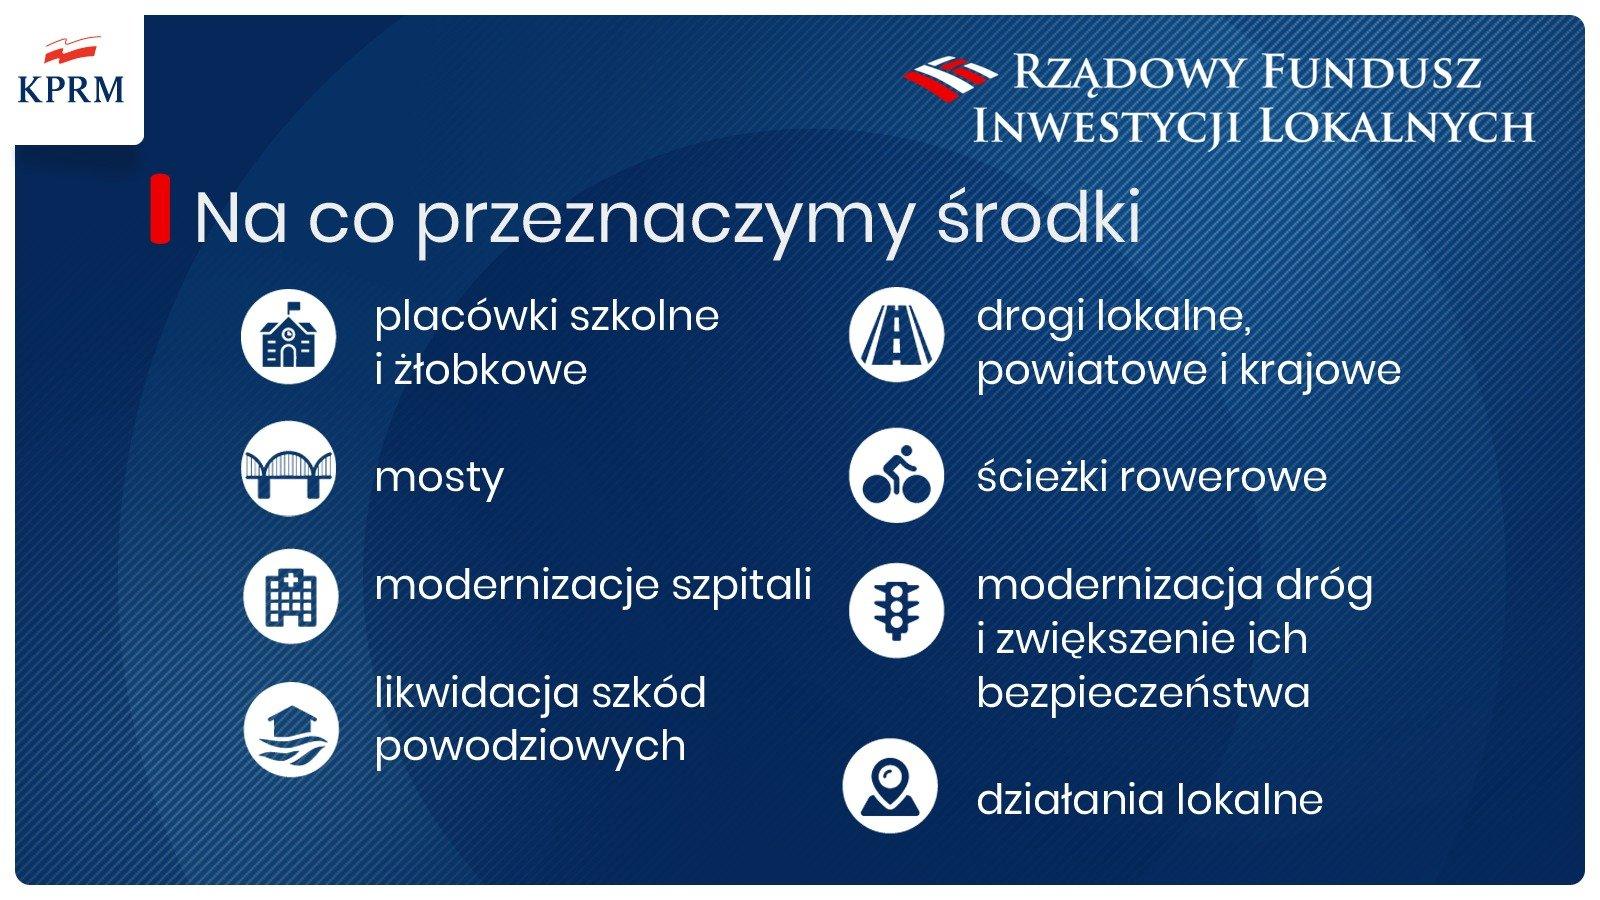 Rządowy Fundusz Inwestycji Lokalnych w Słupsku